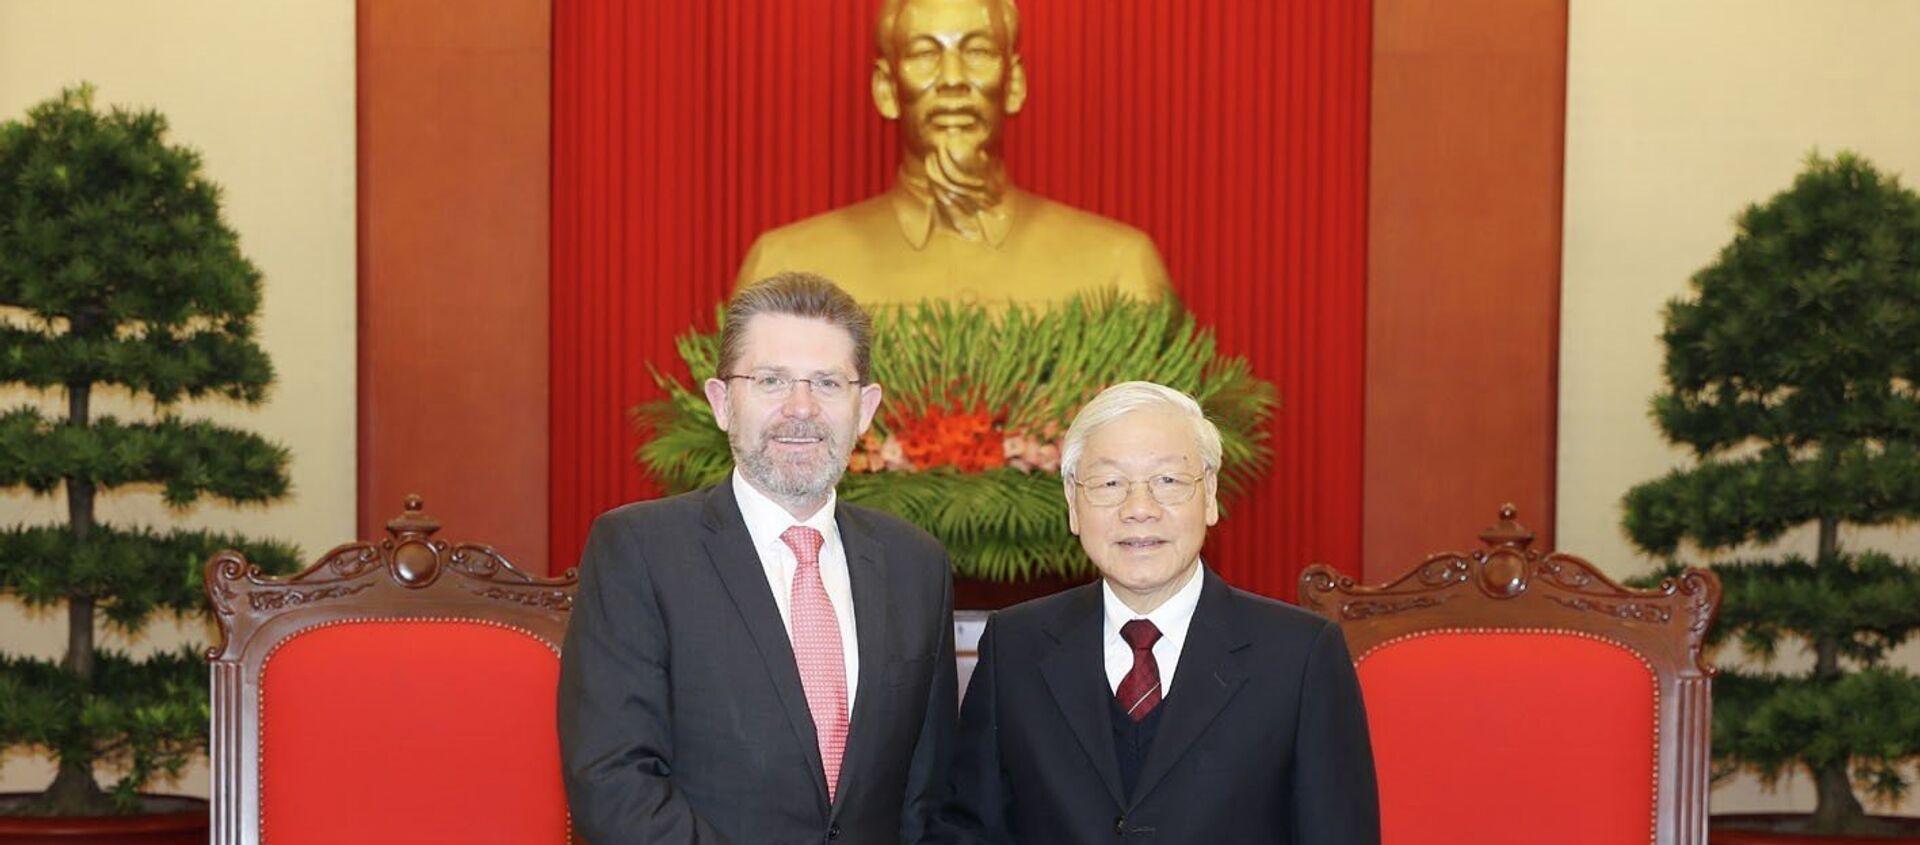 Tổng Bí thư, Chủ tịch nước Nguyễn Phú Trọng tiếp Chủ tịch Thượng viện Australia Scott Ryan. - Sputnik Việt Nam, 1920, 22.01.2019